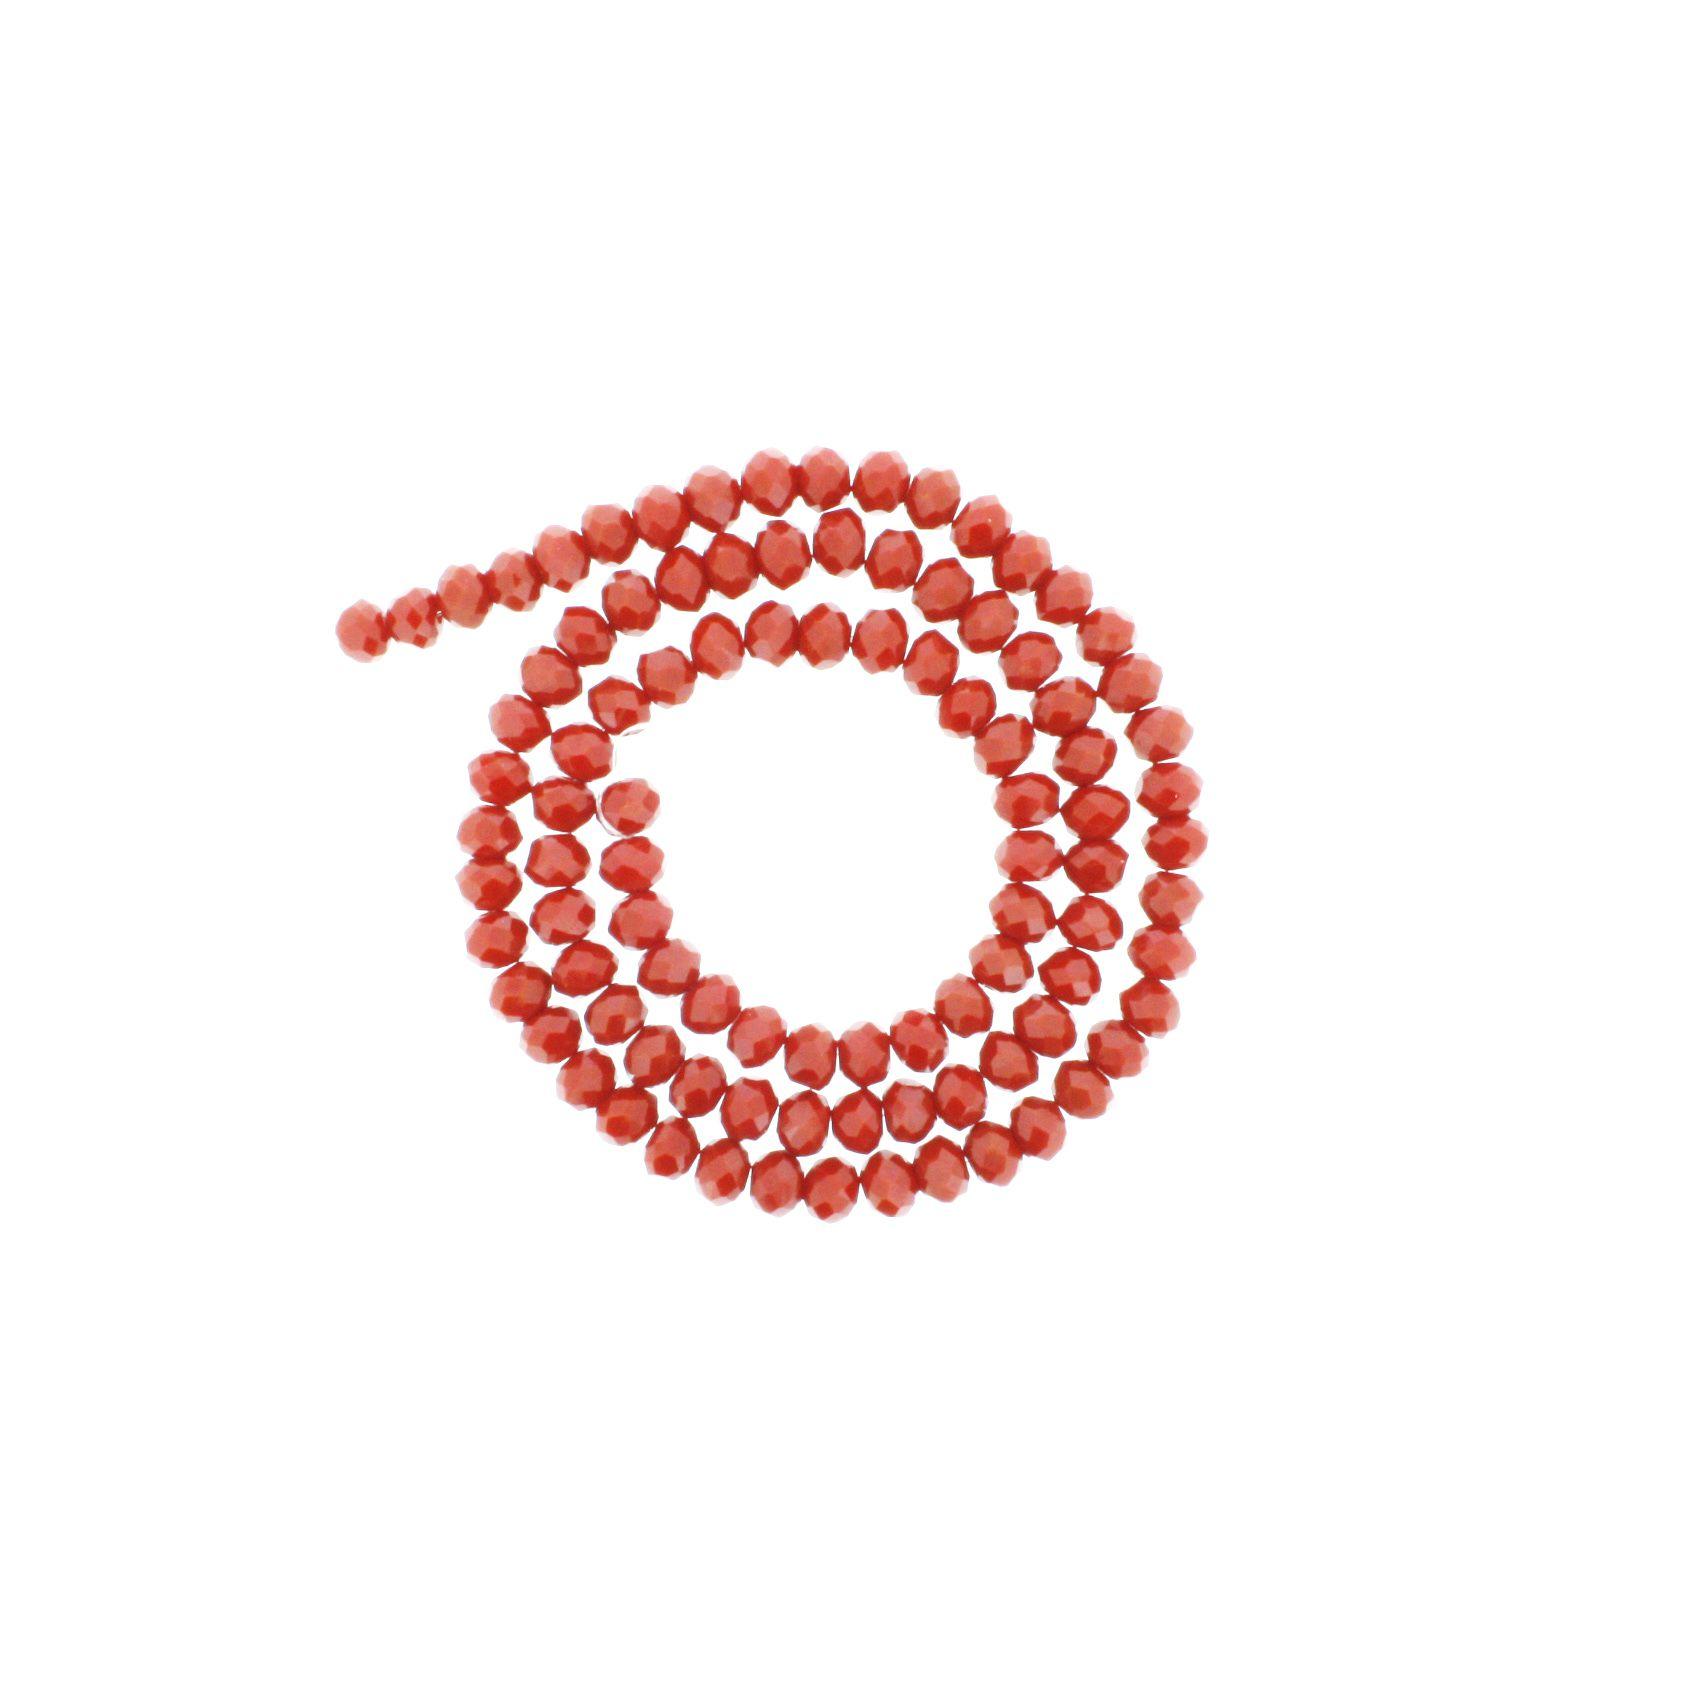 Fio de Cristal - Flat® - Vermelho - 6mm  - Stéphanie Bijoux® - Peças para Bijuterias e Artesanato